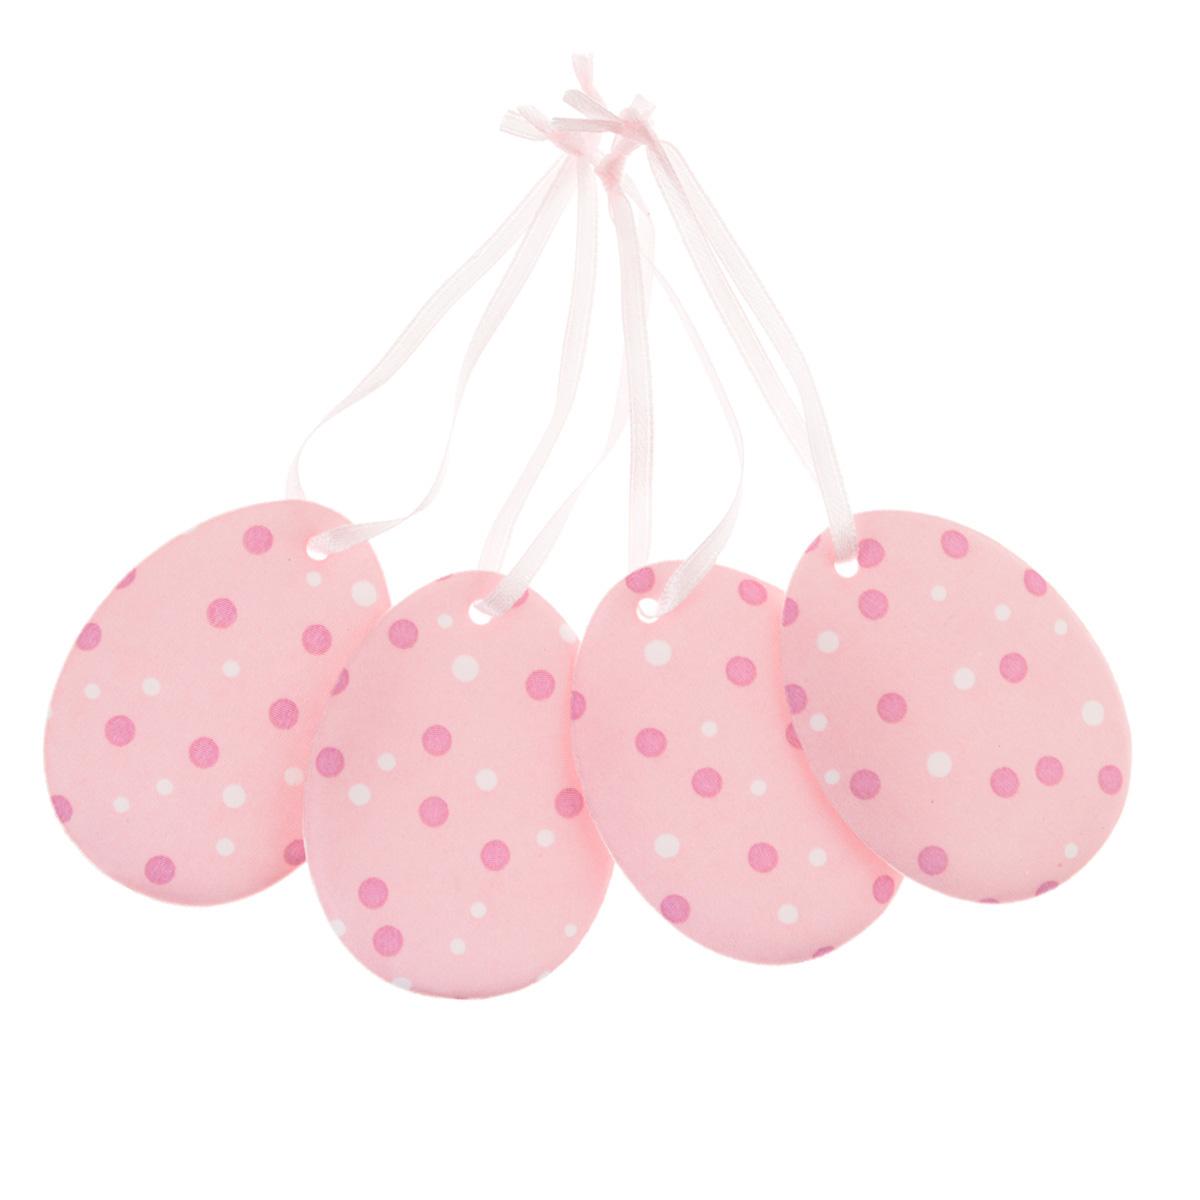 Набор пасхальных подвесных украшений Home Queen Нежность, цвет: розовый, 4 шт64424_2Набор Home Queen Нежность, изготовленный из полиэстера, состоит из четырех пасхальных подвесных украшений. Изделия выполнены в виде пасхальных яиц с мягким наполнителем, декорированы принтом в горох и оснащены текстильными петельками для подвешивания. Такой набор прекрасно дополнит оформление вашего дома на Пасху. Размер украшения: 6,5 см х 5 см х 0,3 см.